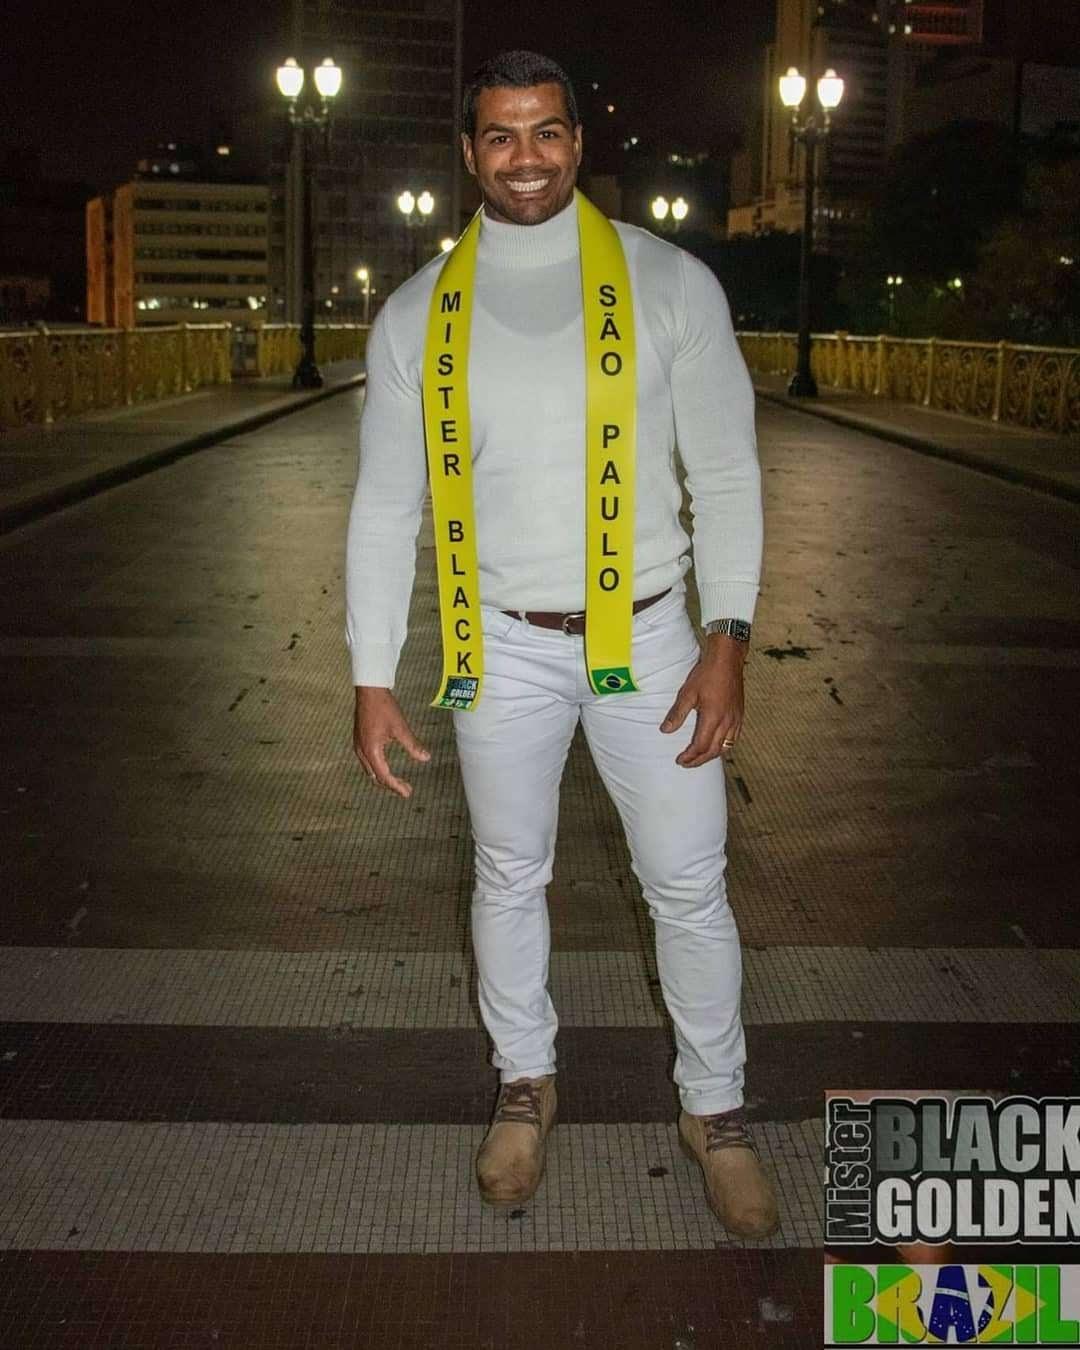 Renan Santiago representou a cidade de São Paulo no Mister Black Golden Brazil 2019. Foto: Neobeck Benedito